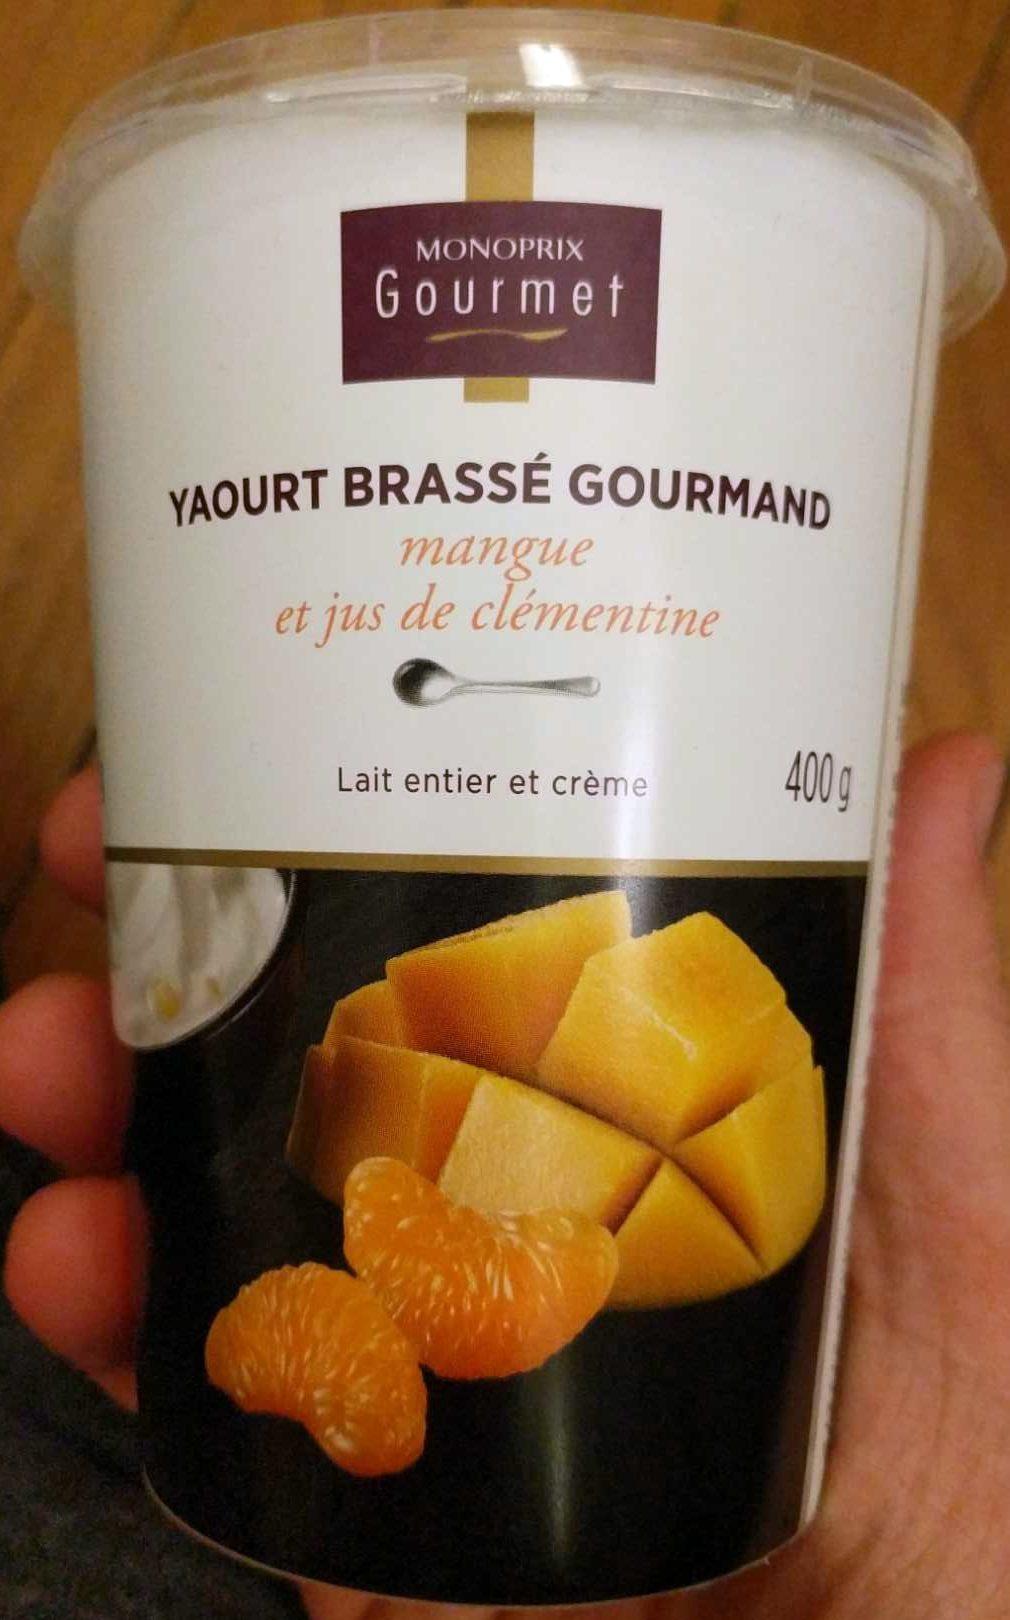 Yaourt brassé gourmand mangue et jus de clémentine - Producto